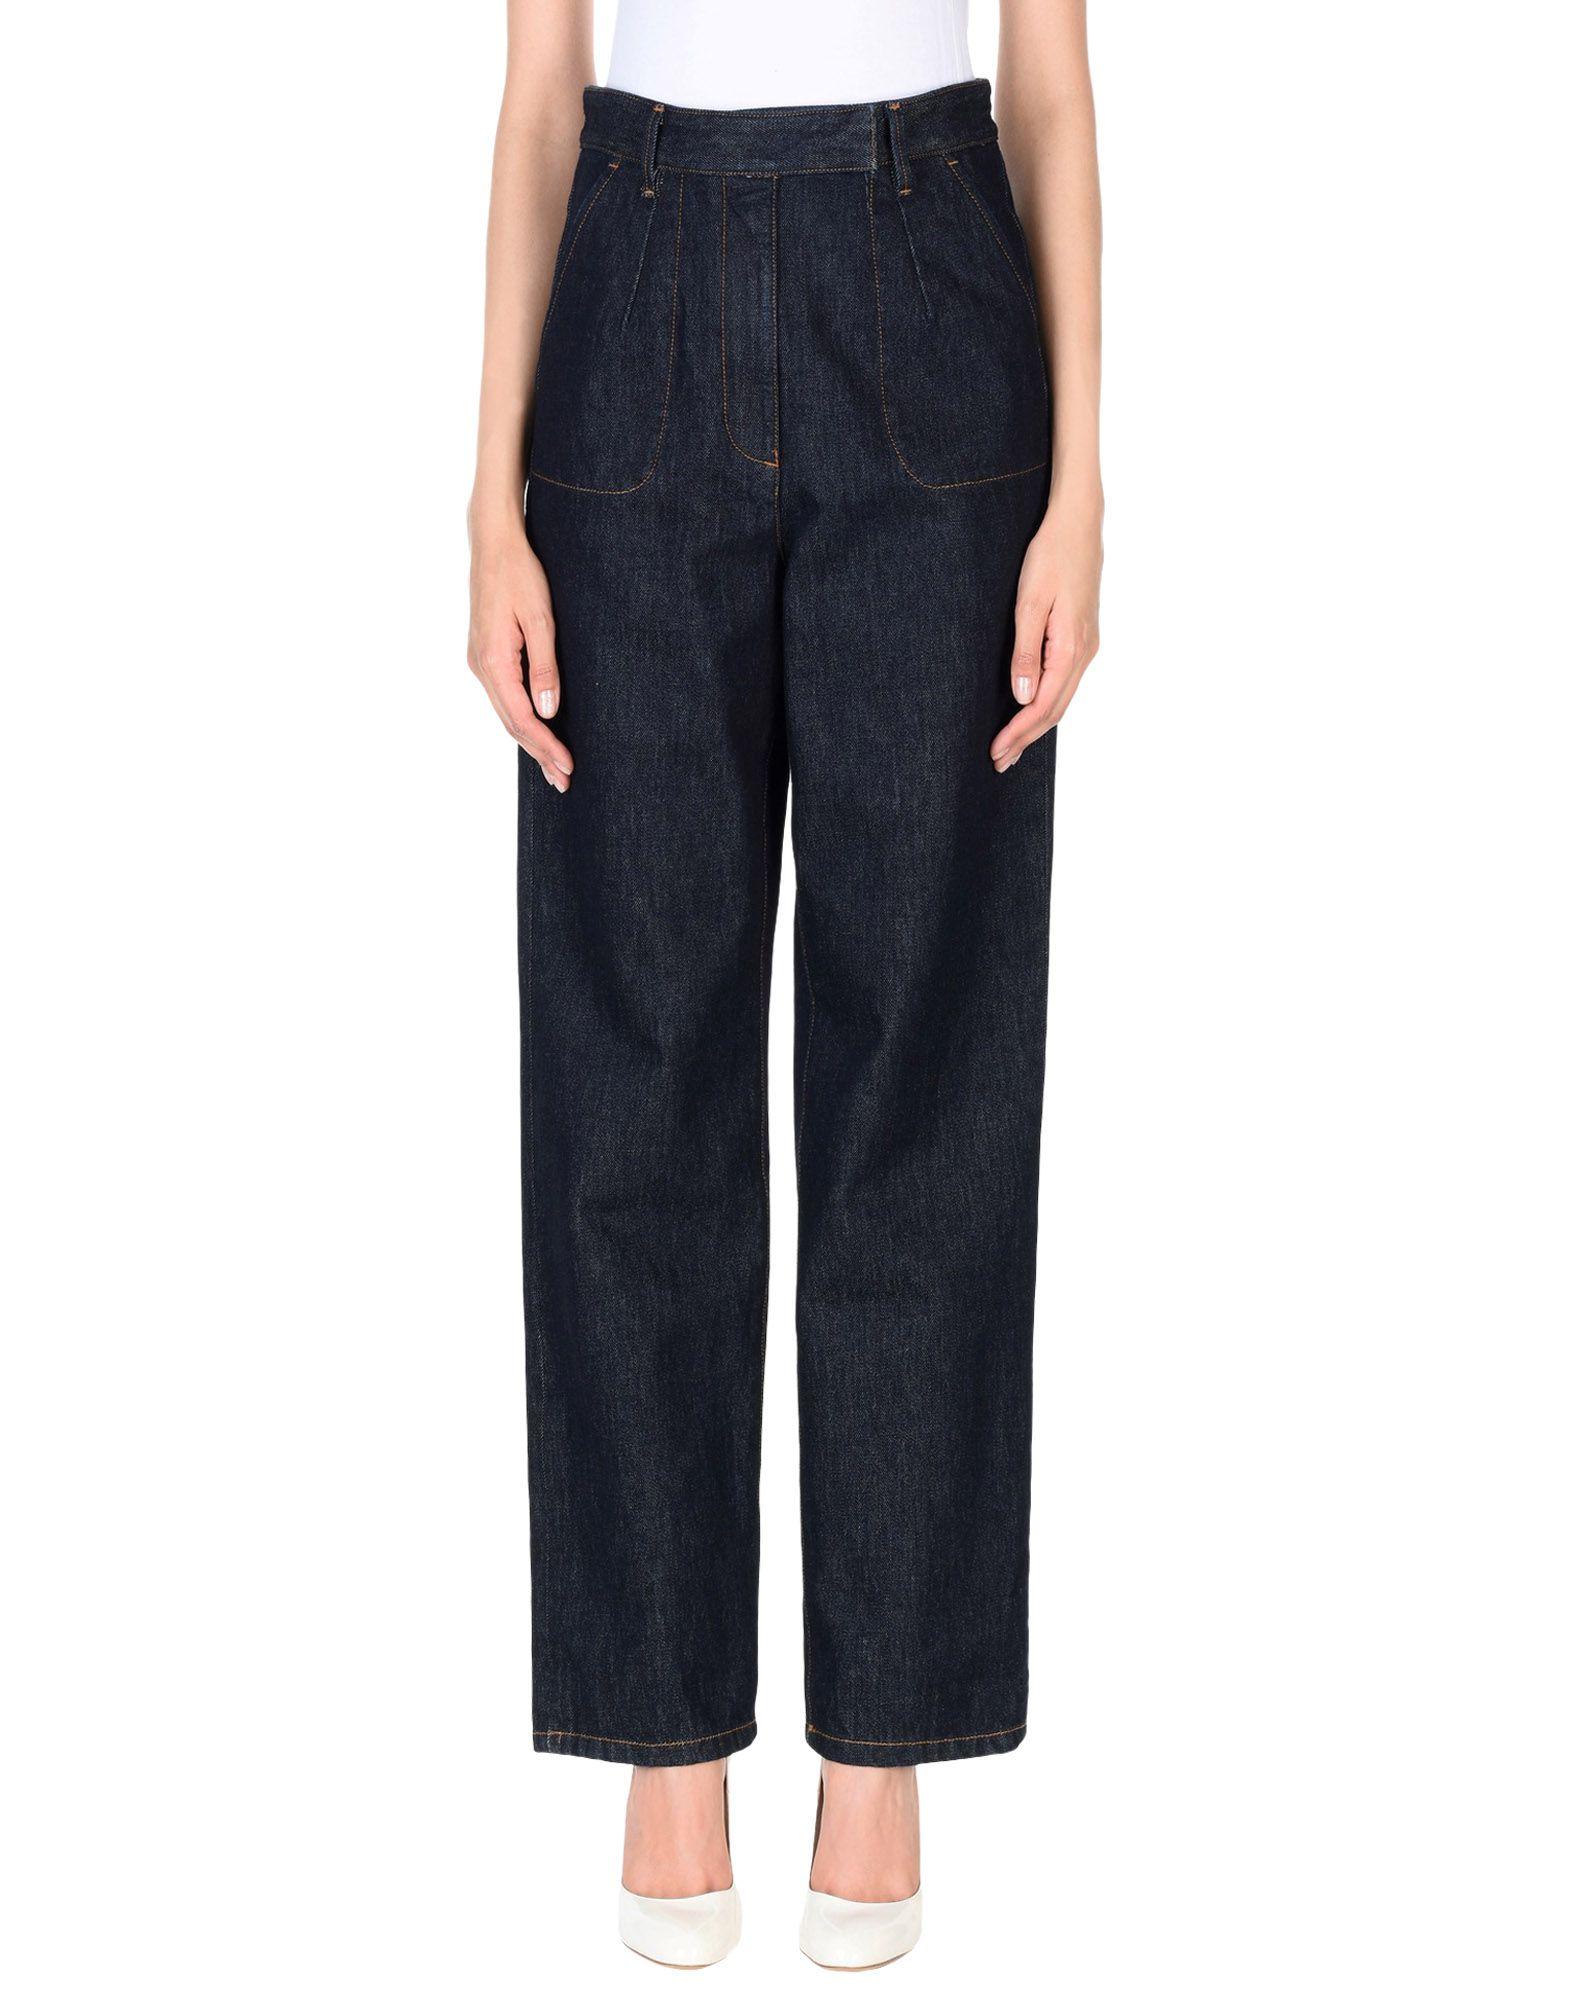 Pantaloni Jeans Redvalentino Donna - Acquista online su KZZqeB